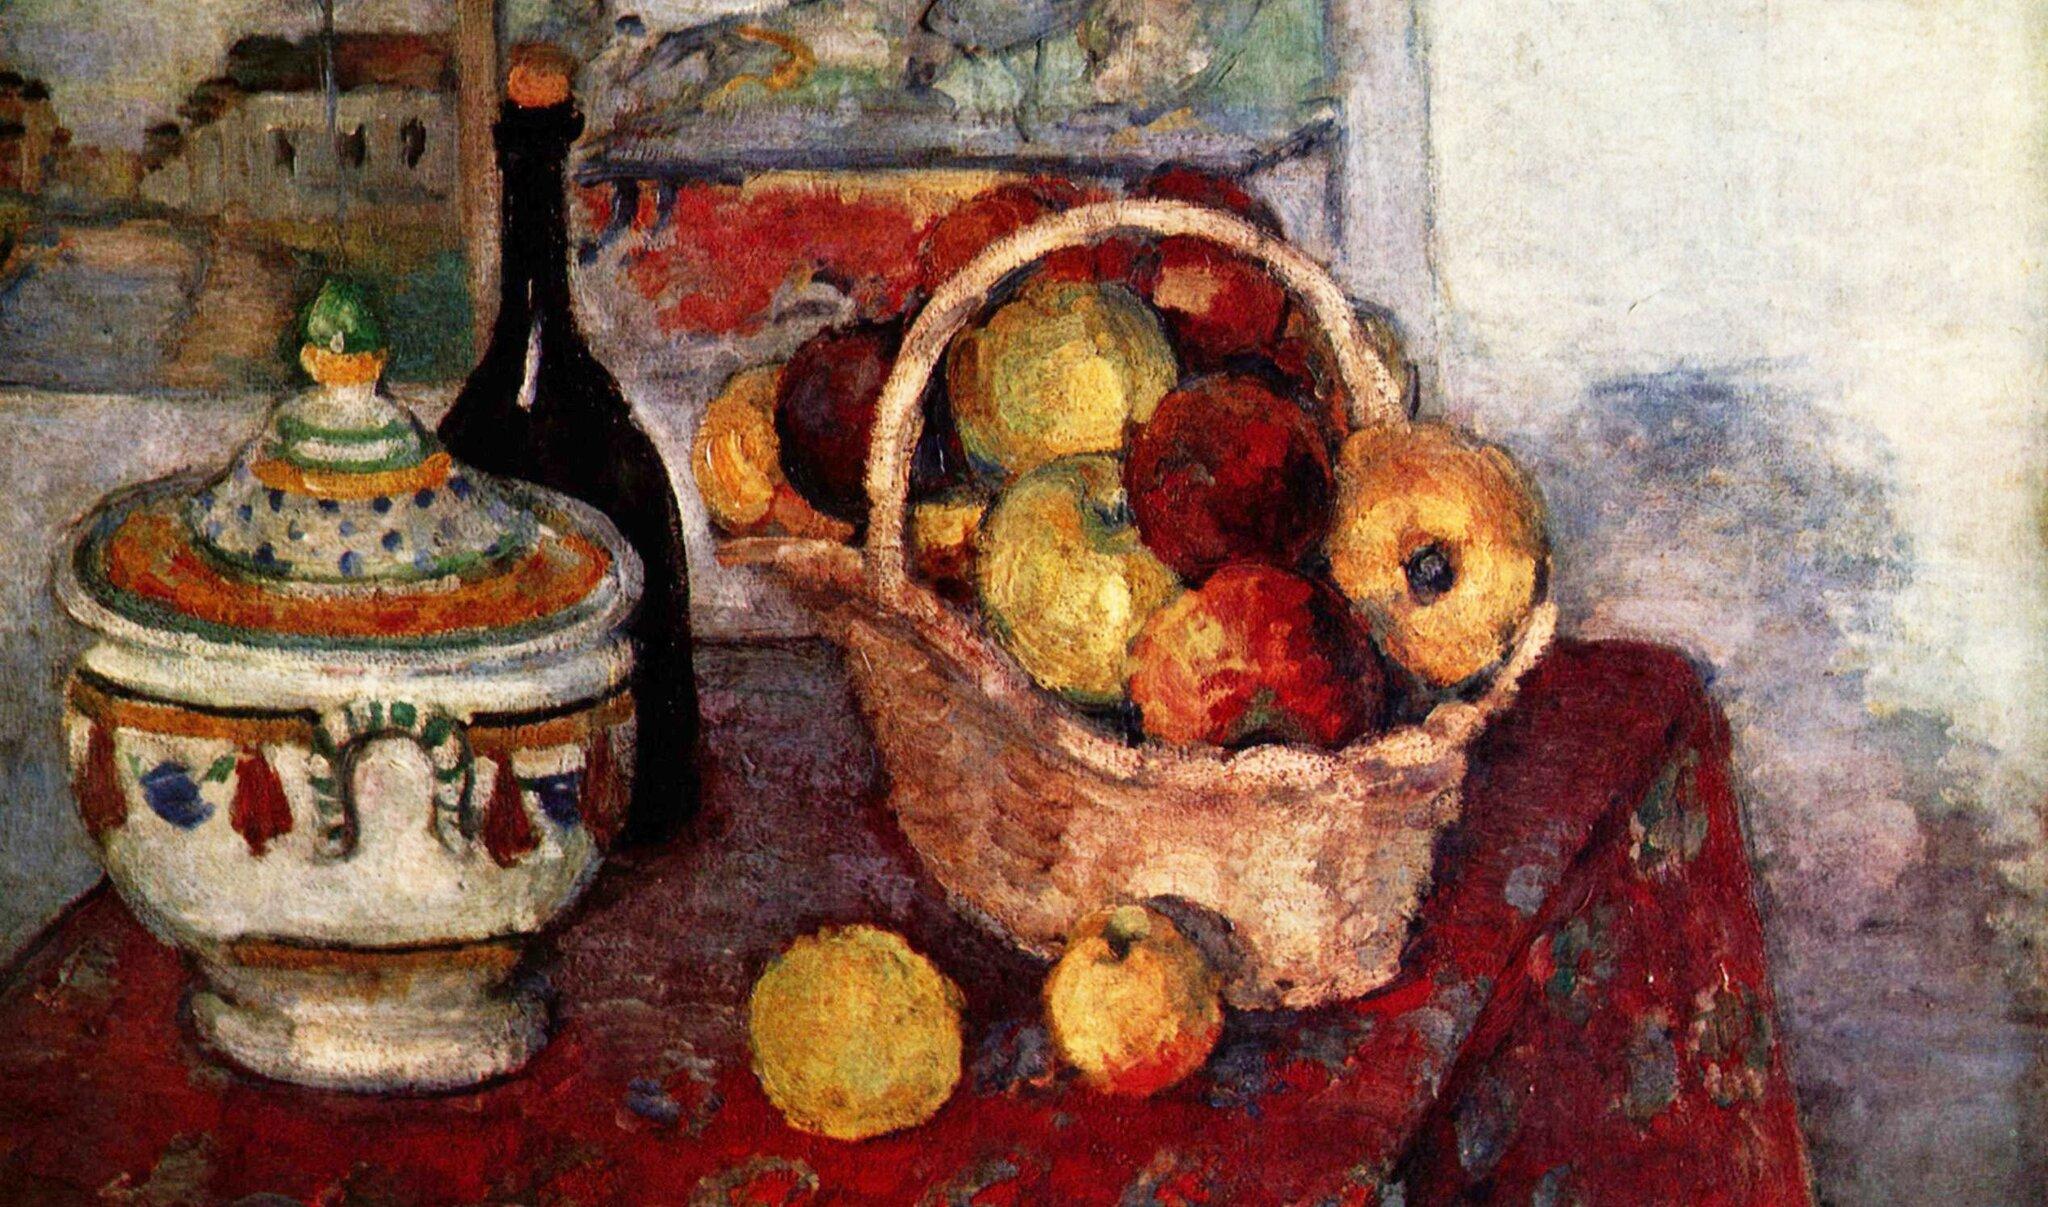 Martwa natura zwazą do zupy Źródło: Paul Cézanne, Martwa natura zwazą do zupy, 1877, olej na płótnie, domena publiczna.